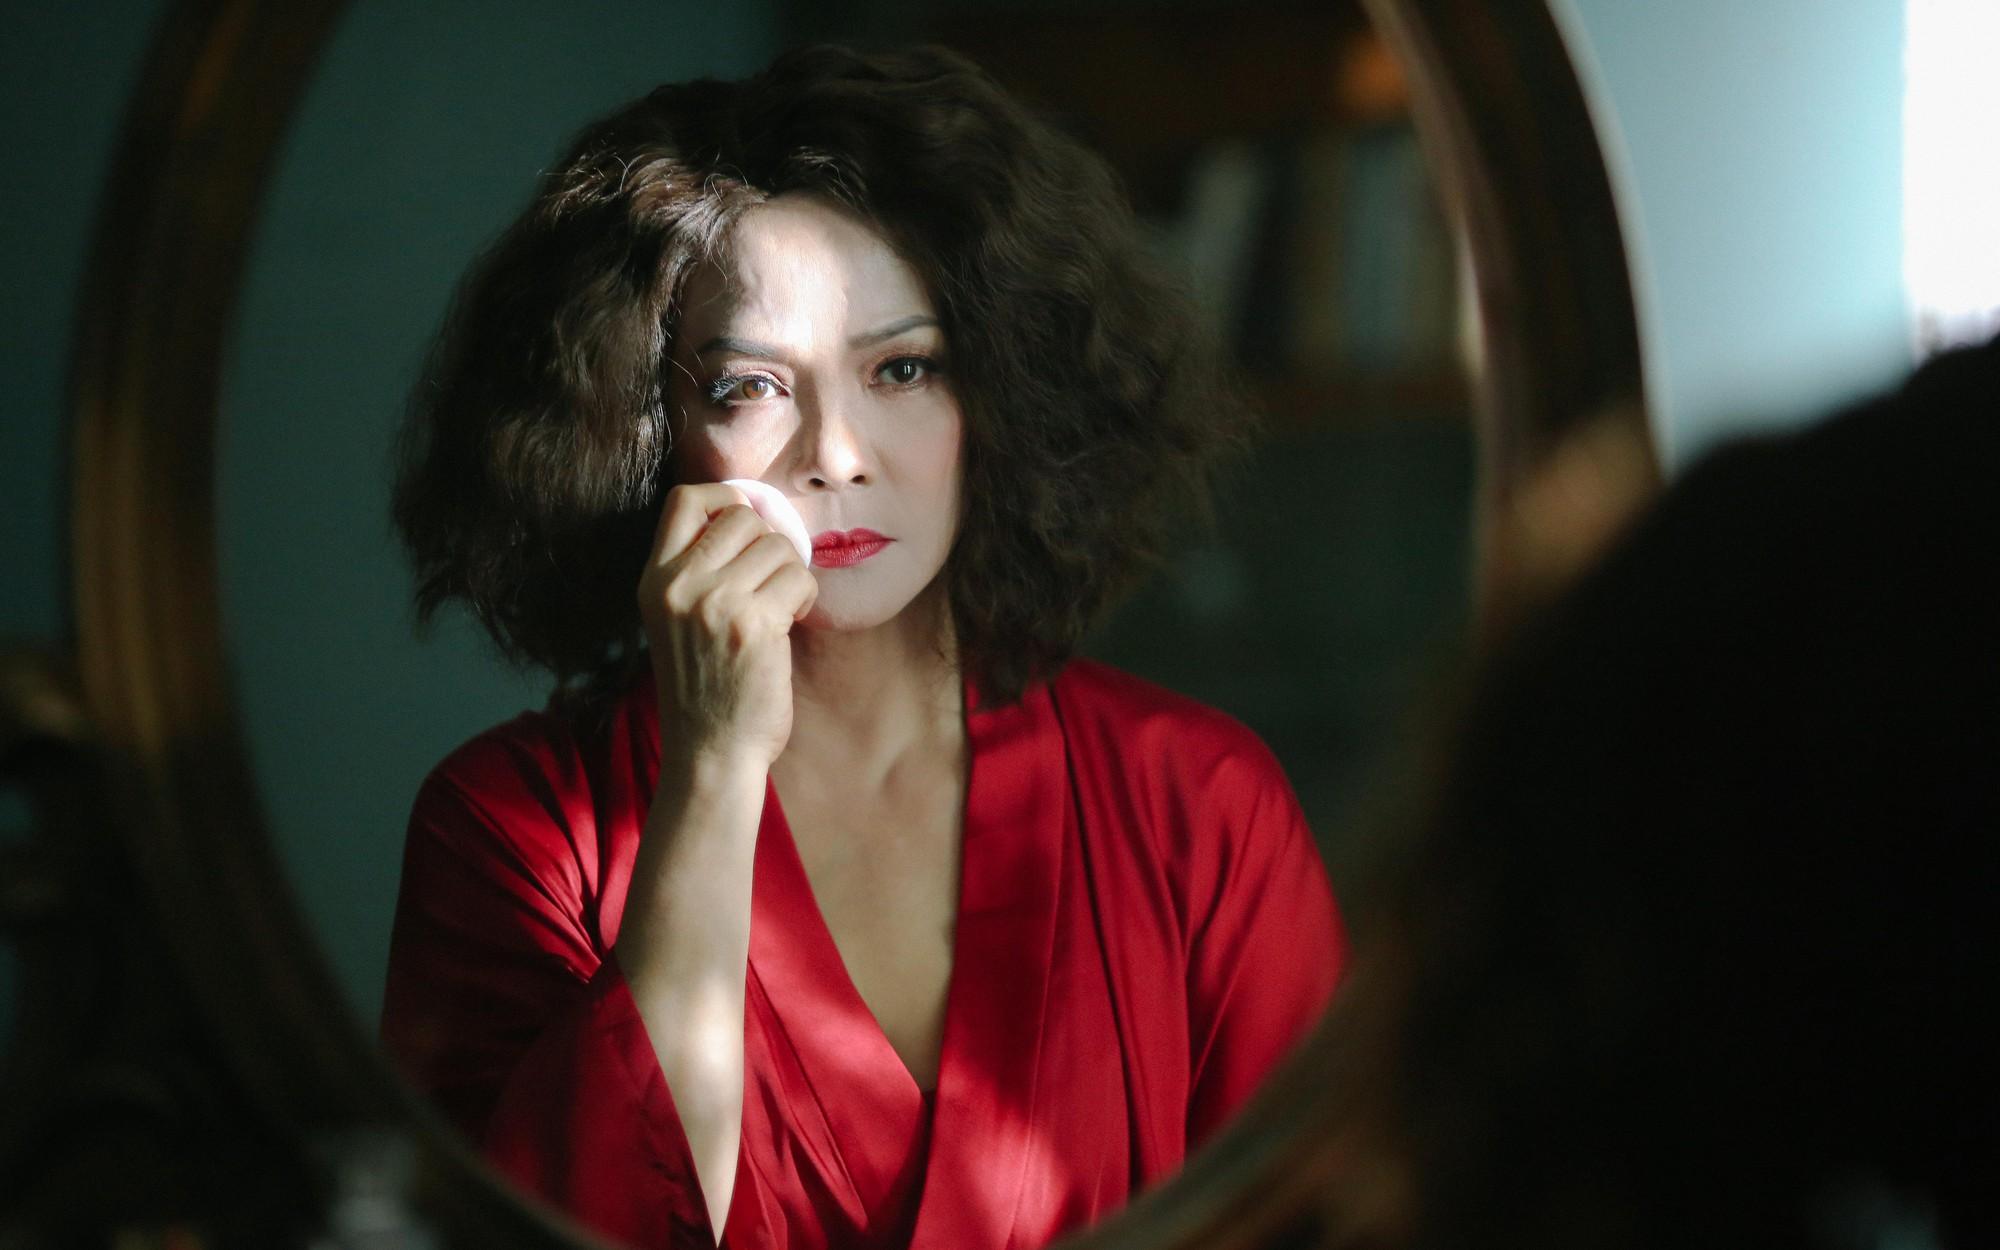 4 nhân vật trên màn ảnh Việt chứng tỏ danh vọng chưa chắc mang lại hạnh phúc cho một cô nàng thời hiện đại - Ảnh 5.